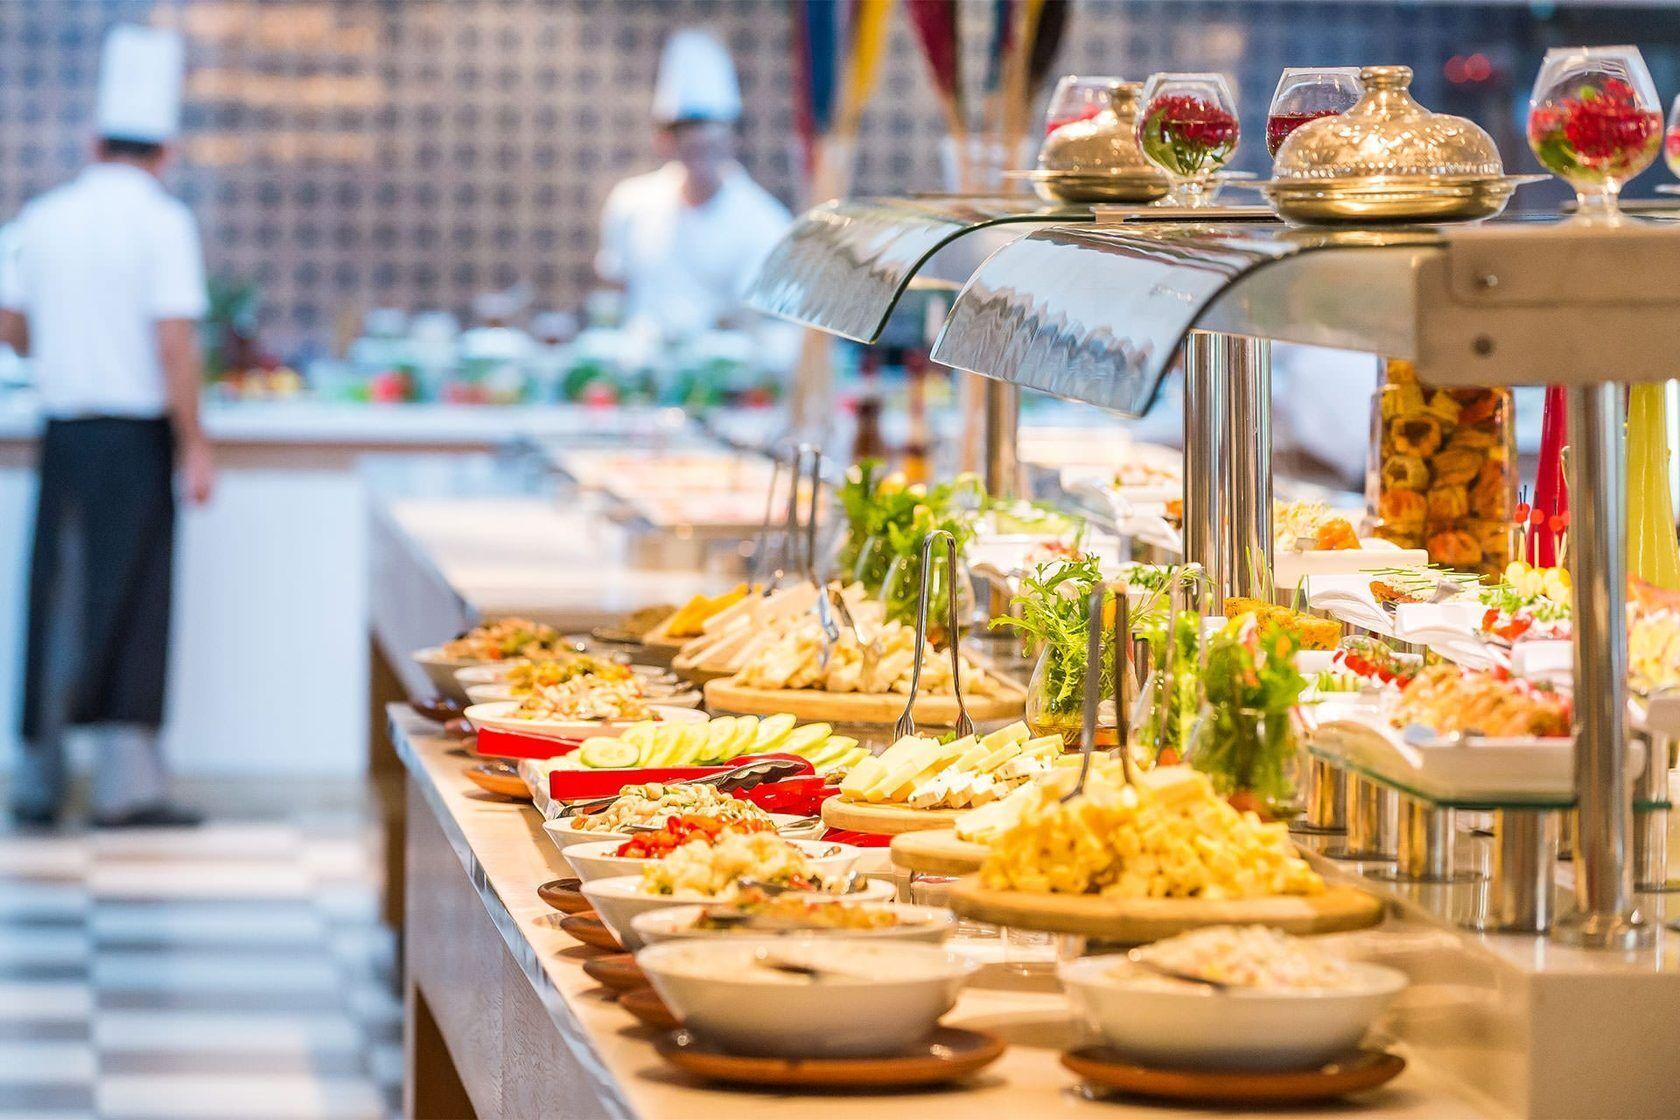 Чаще всего экономят в отелях на дорогих продуктах: качественной рыбе, мясе, морепродуктах